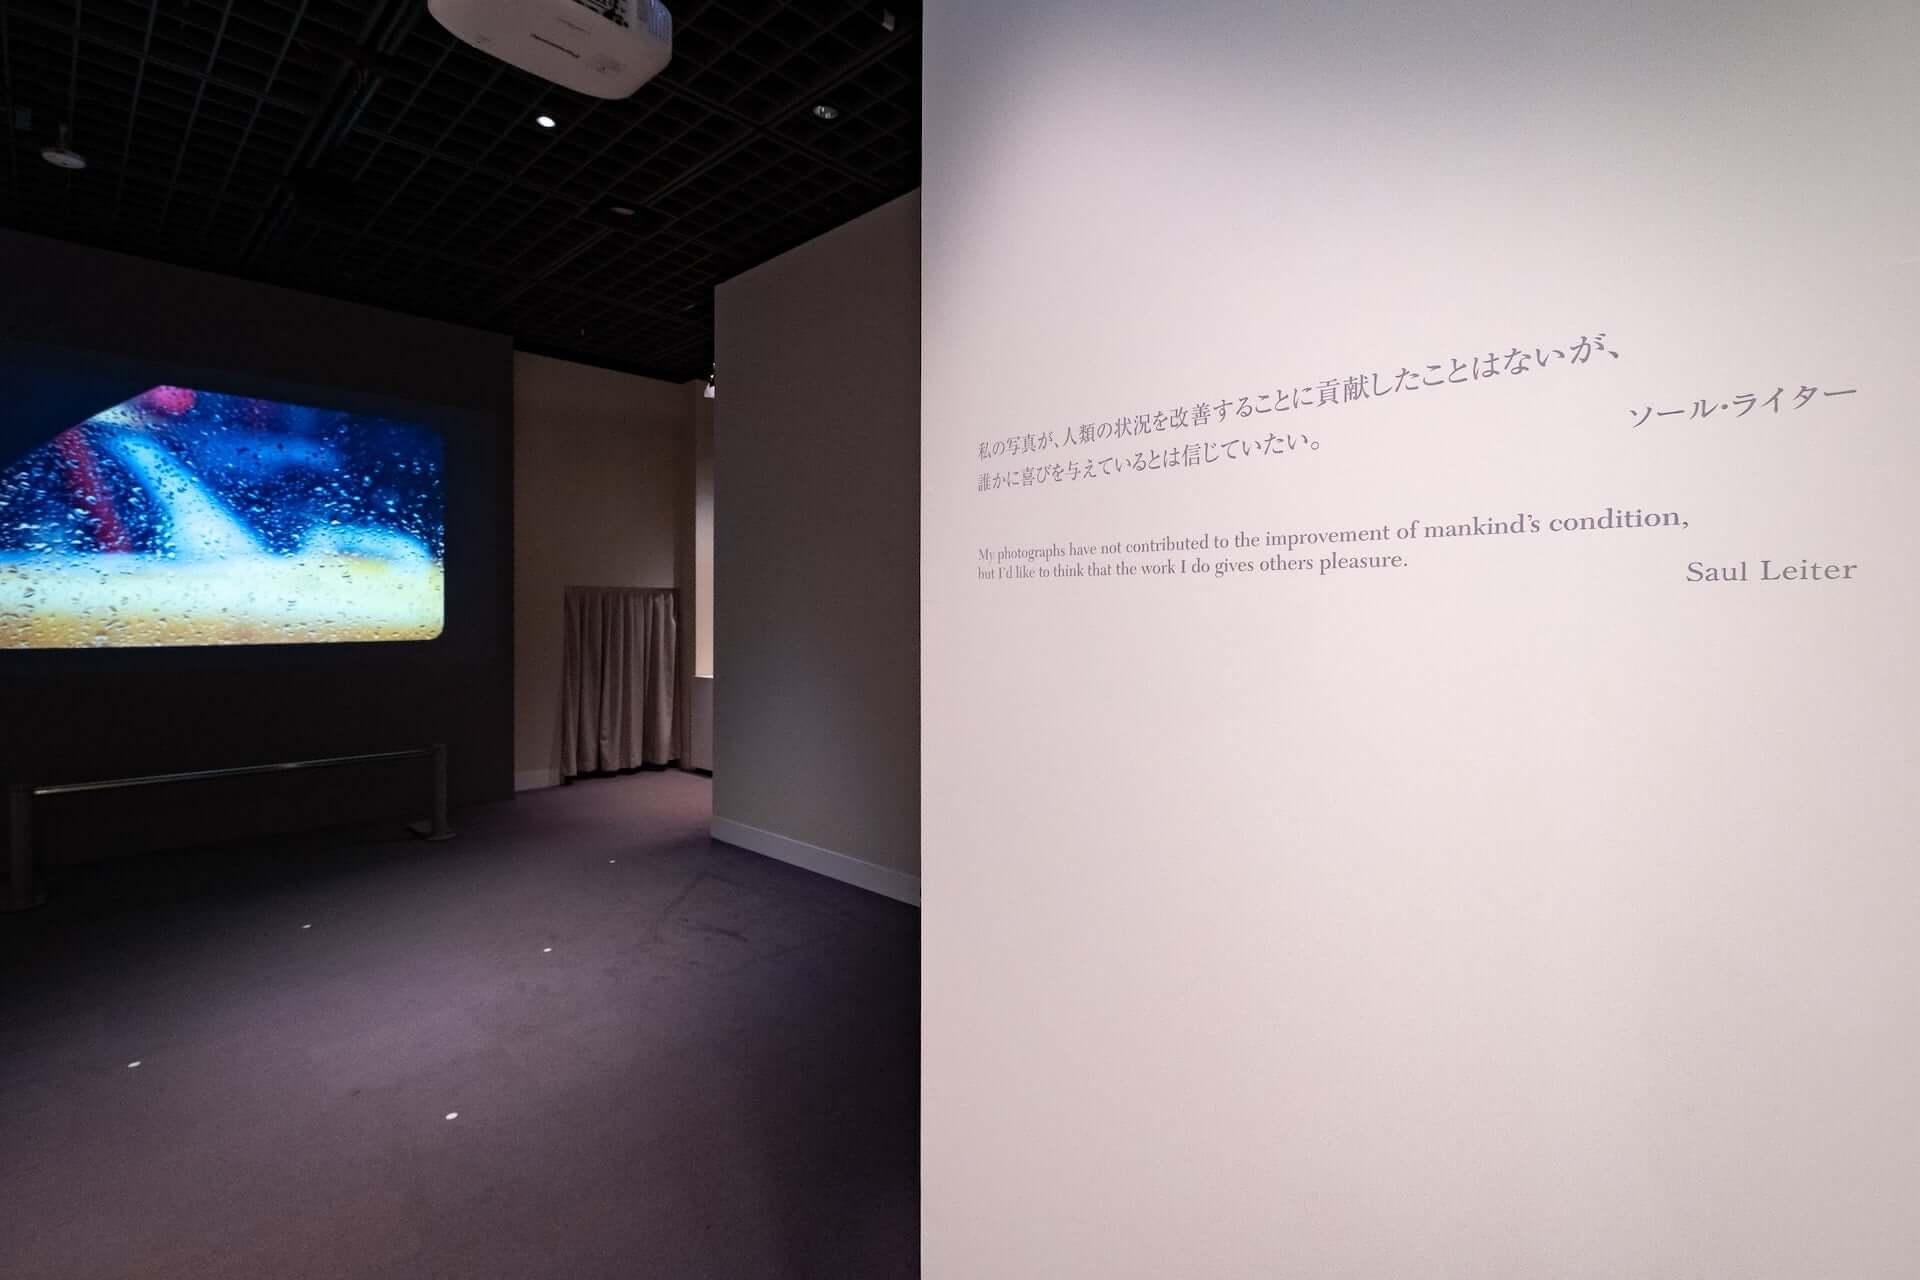 写真展<ニューヨークが生んだ伝説の写真家 永遠のソール・ライター>のアンコール展がBunkamura ザ・ミュージアムにて開幕! art200728_saulleiter_encore_1-1920x1280